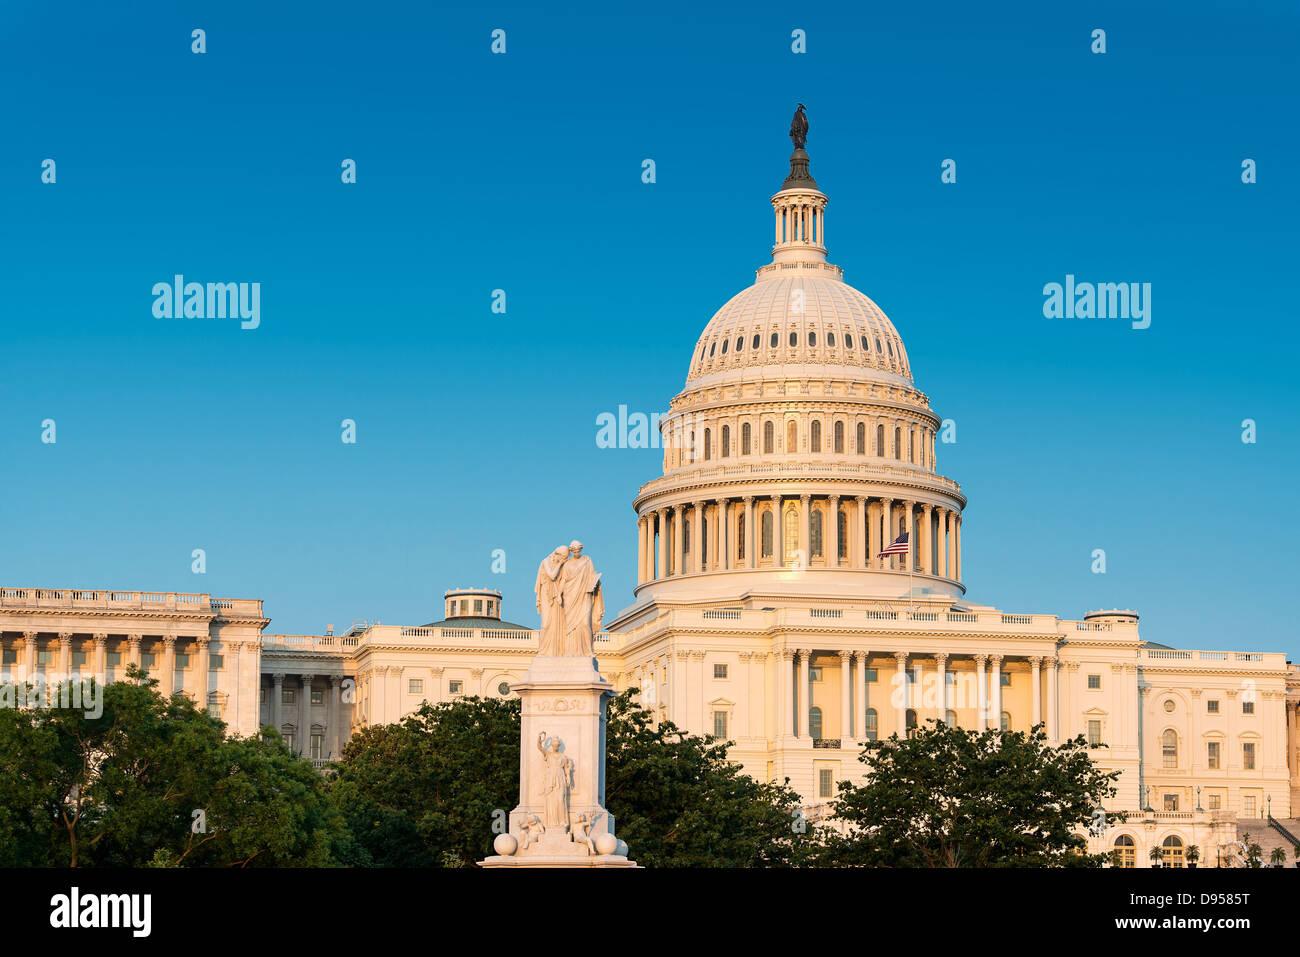 El Monumento de la paz y el Edificio del Capitolio de Estados Unidos, Washington D.C., EE.UU. Imagen De Stock